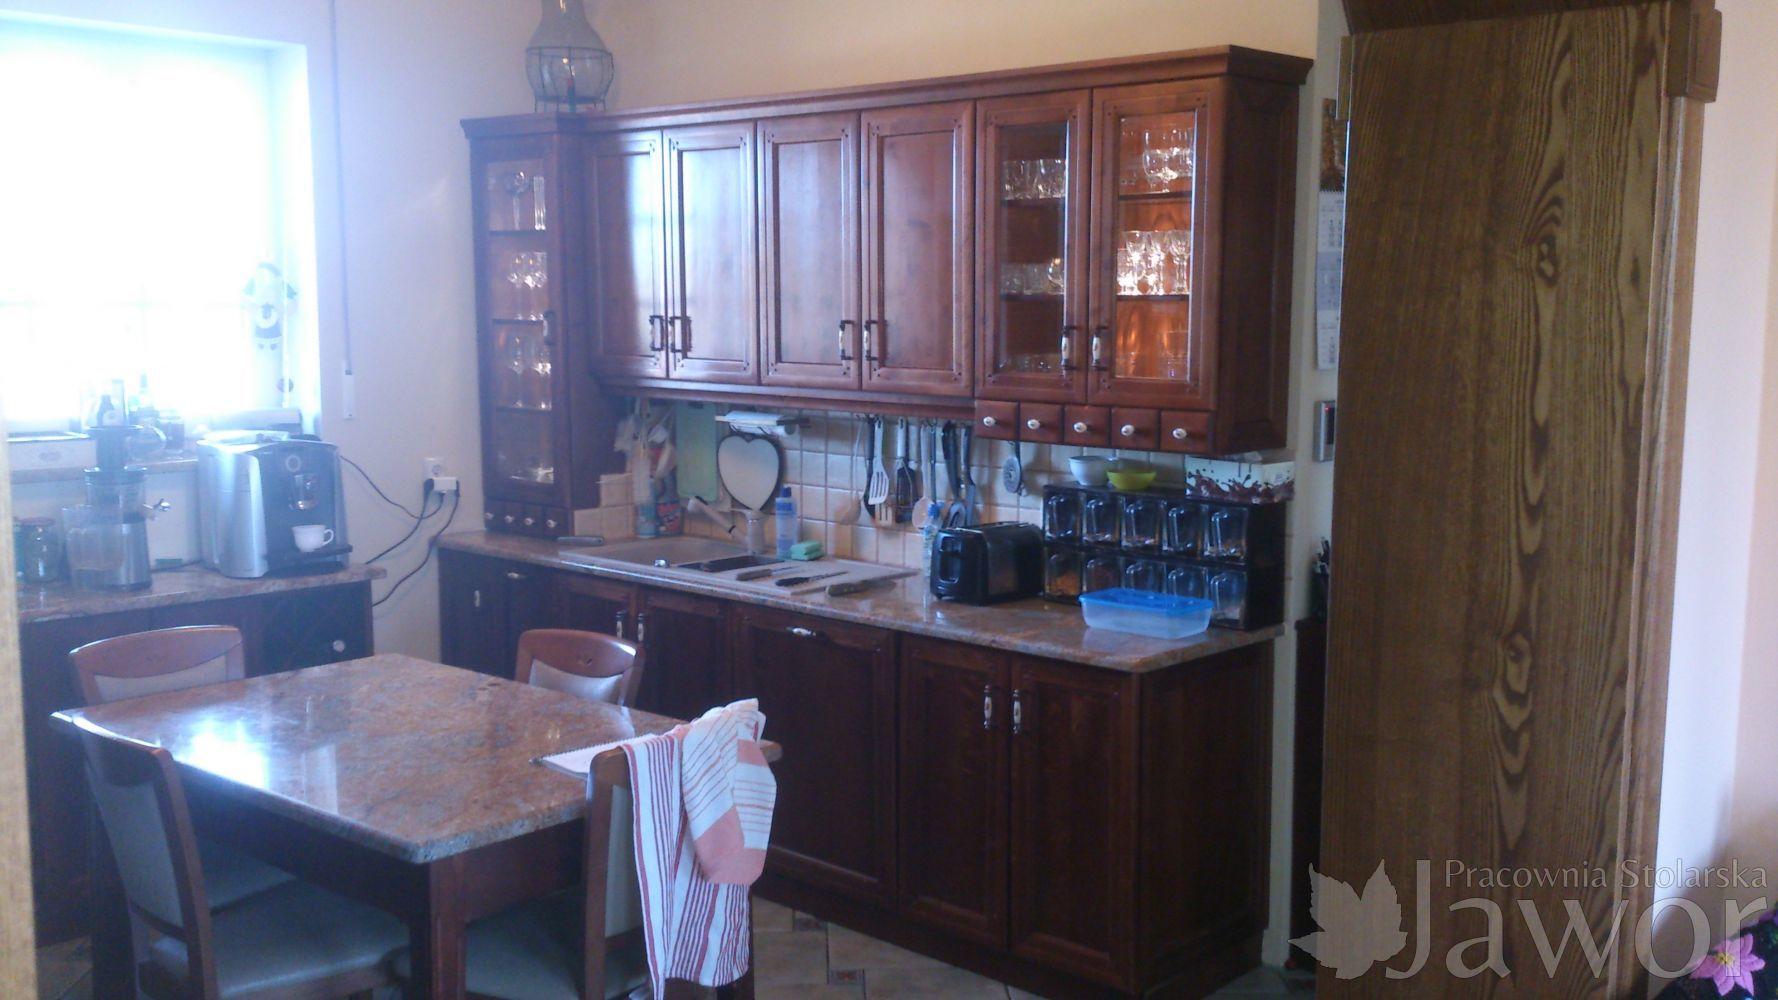 Meble Kuchenne Trójmiasto  Pracownia Stolarska Jawor -> Kuchnia Weglowa Z Podkową Jawor